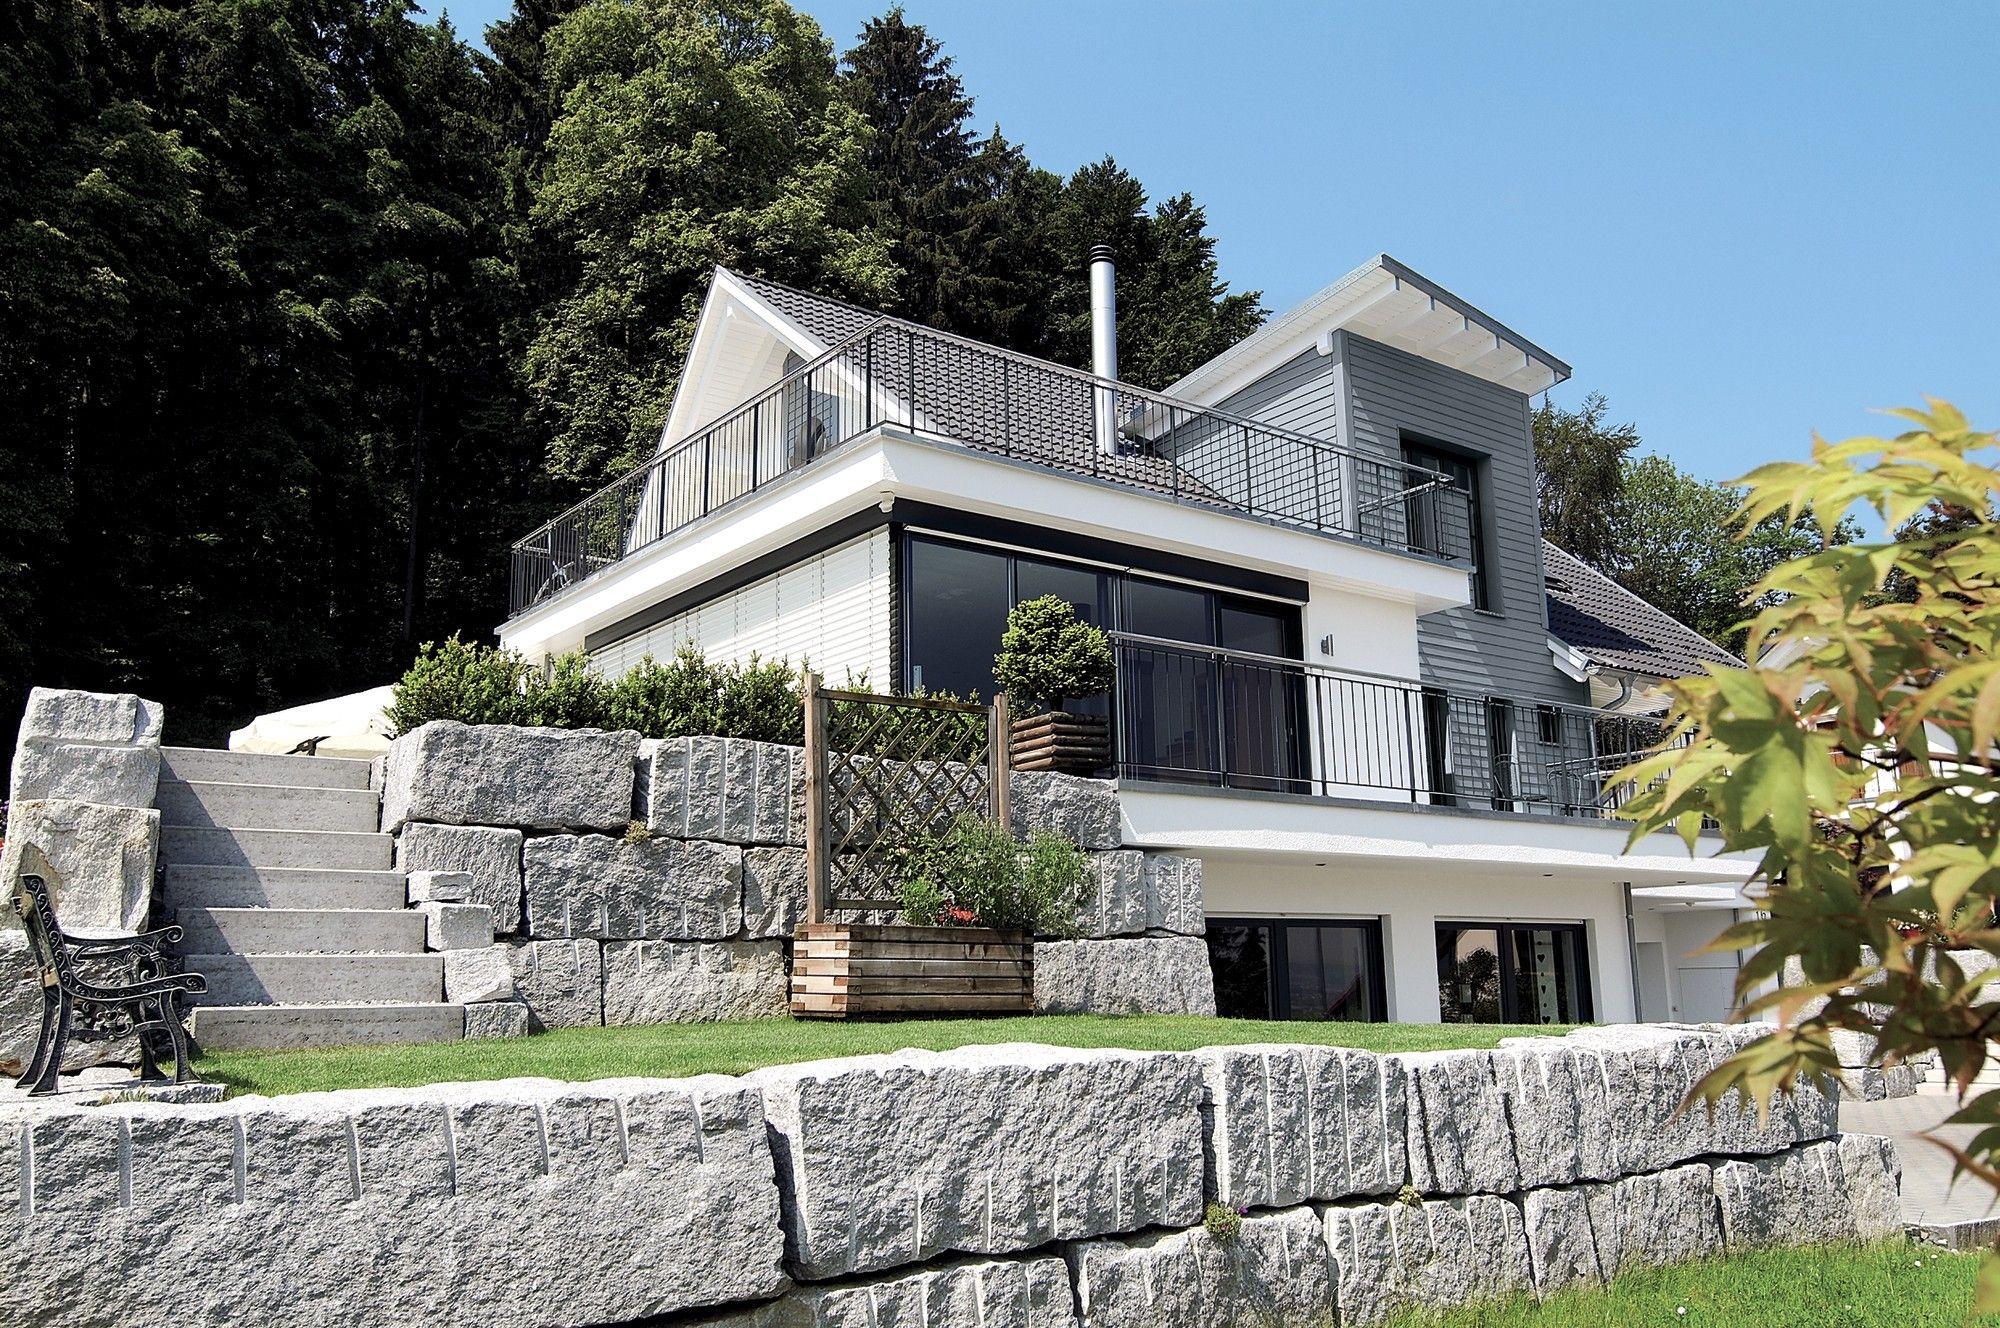 hausdetailansicht villa pinterest g rten hausbau und au enanlagen. Black Bedroom Furniture Sets. Home Design Ideas